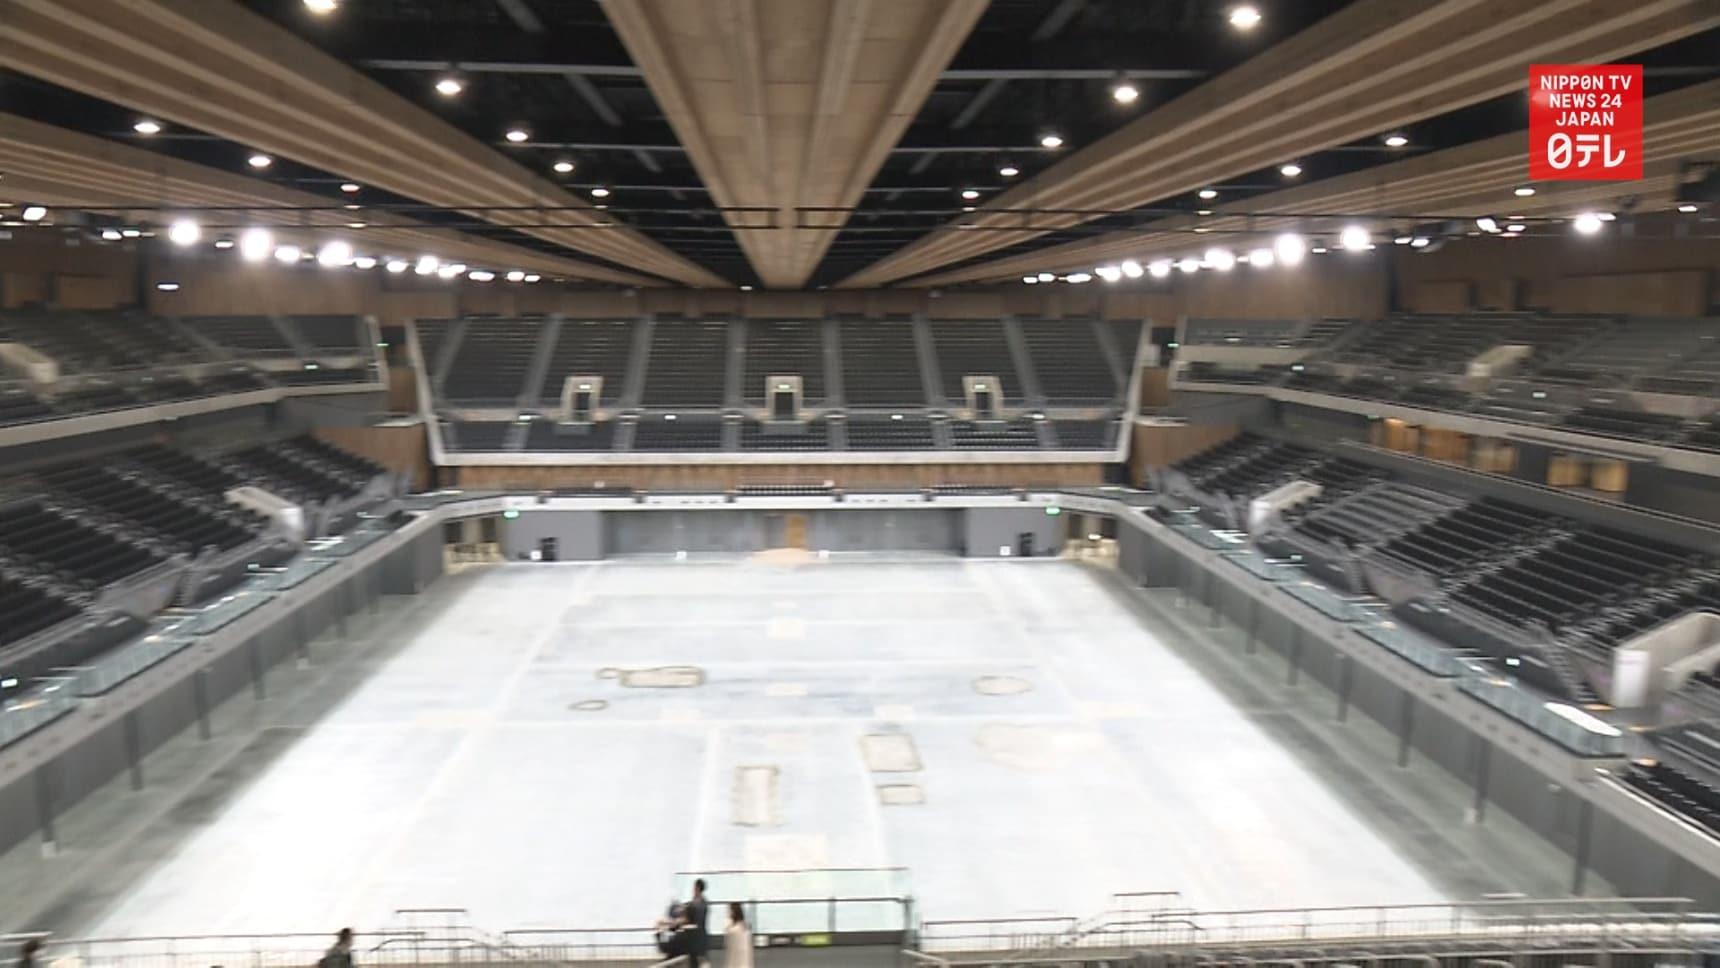 Tokyo 2020 Venue Unveiled